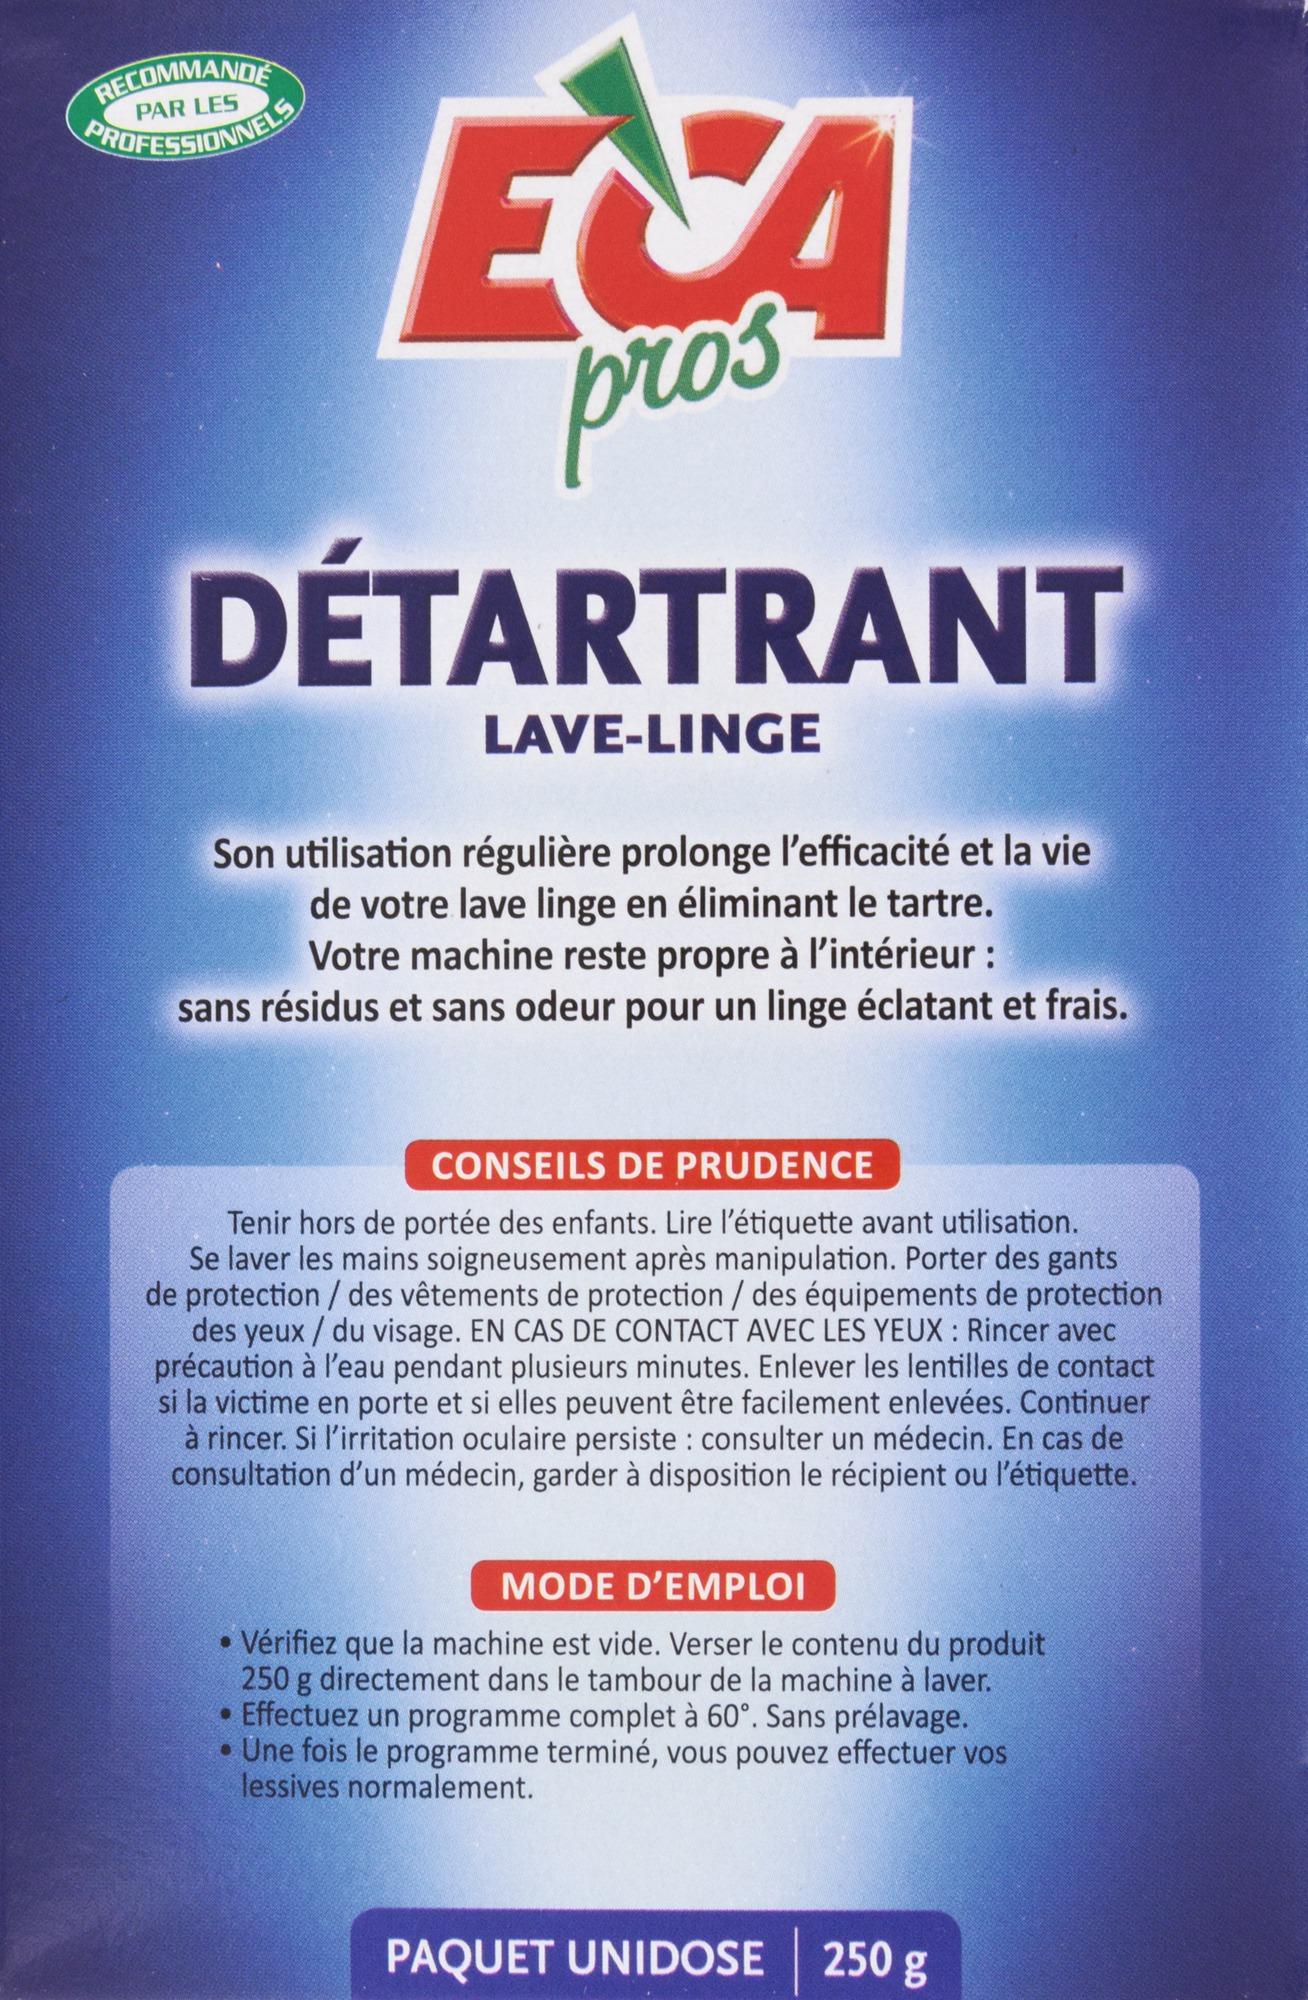 Détartrant lave-linge Eca pros - Boîte 36 g de Détartrant 36 ... - Produit Pour Nettoyer Lave Linge